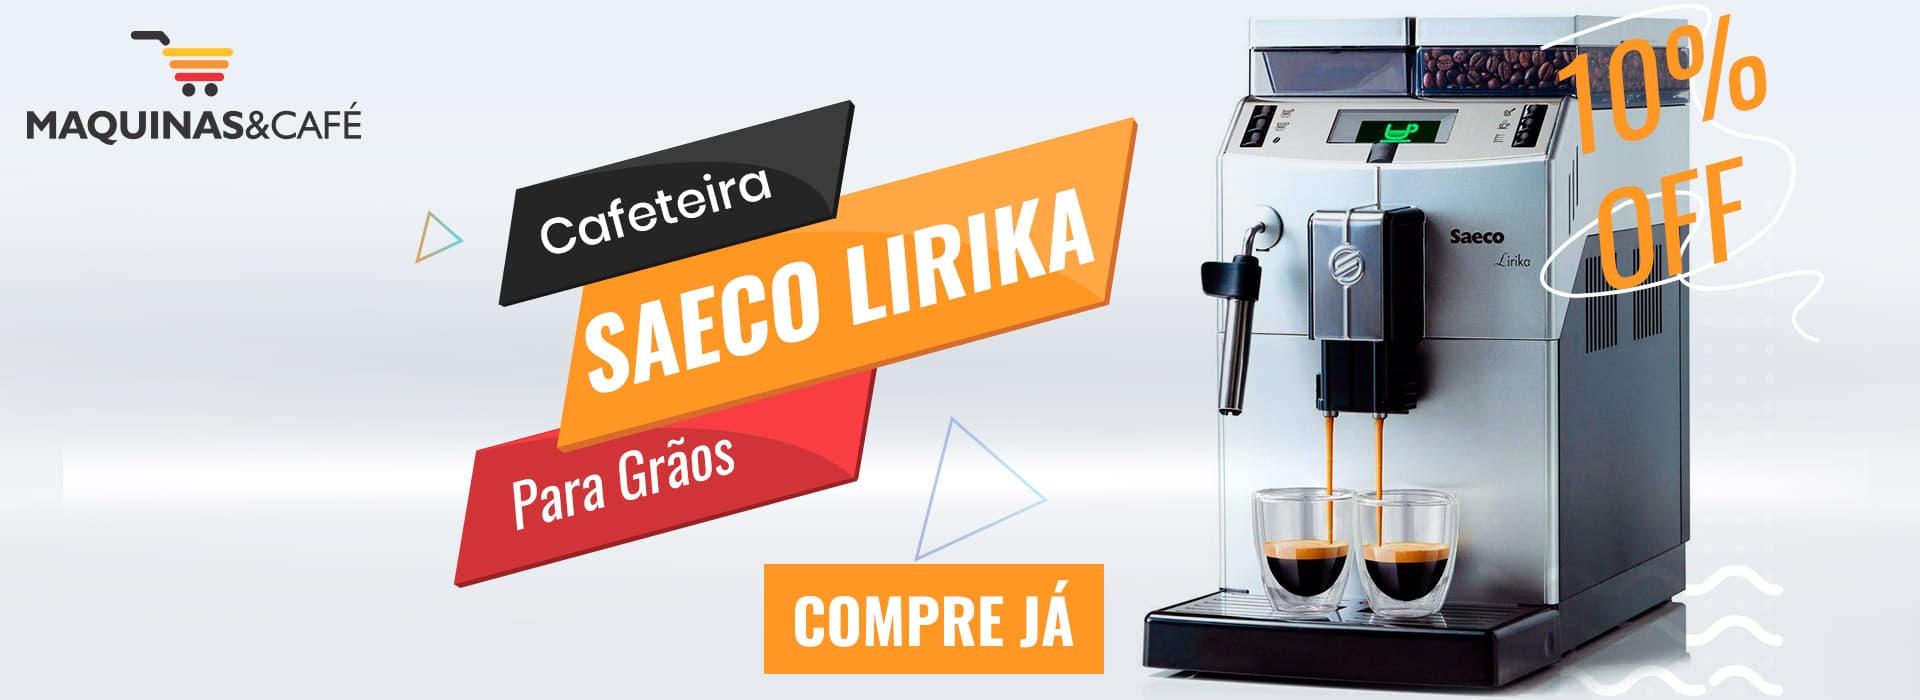 Cafeteira Grãos Saeco Lirika